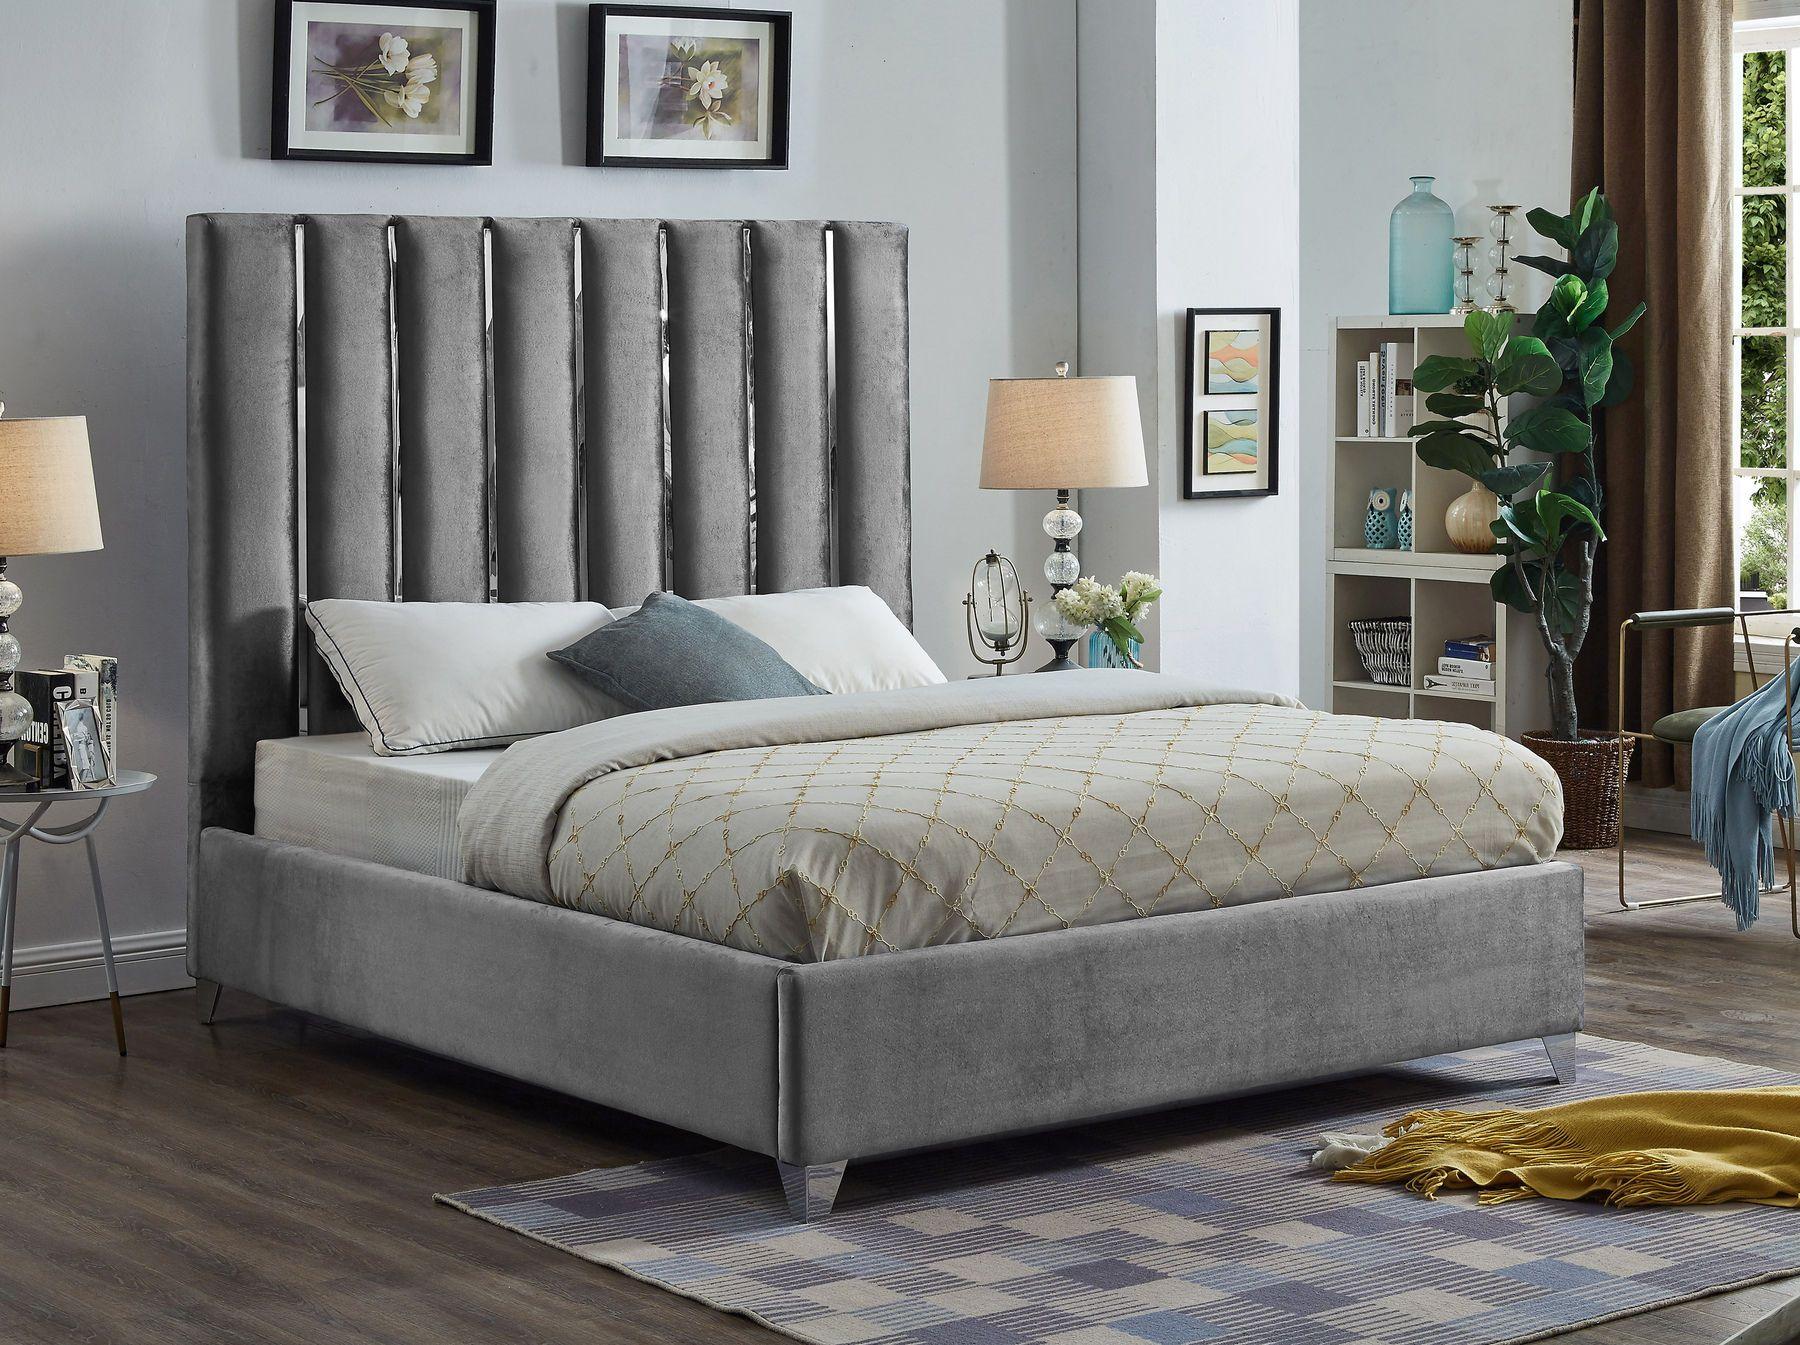 Enzo Gray Full Size Bed Grey velvet bed, Meridian